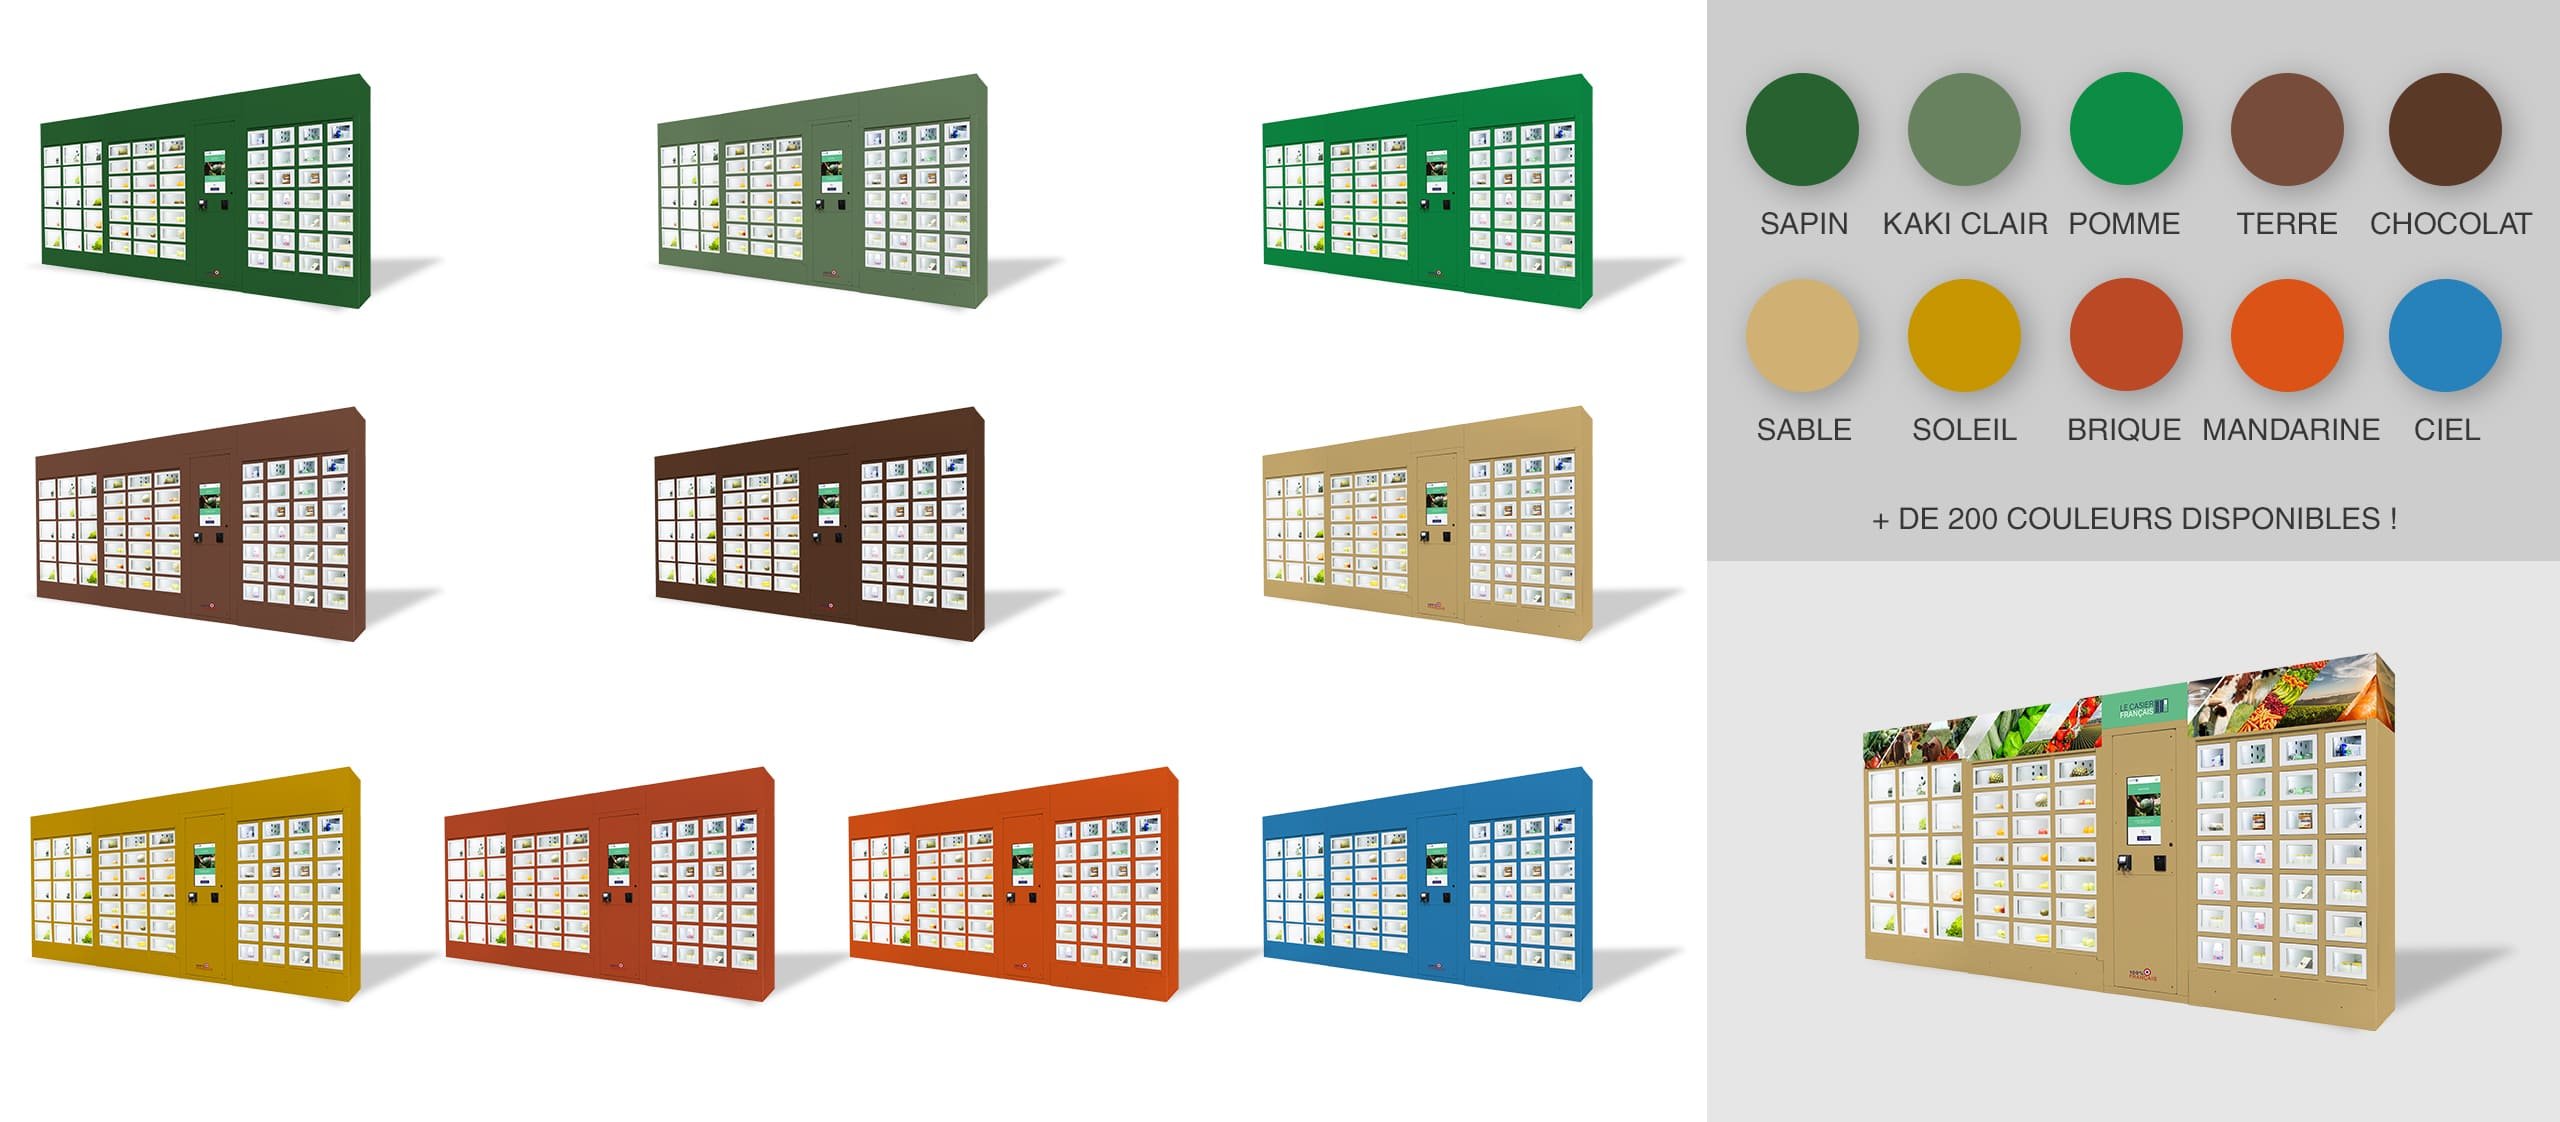 Habillage différentes couleurs d'un distributeur automatique Le Casier Français